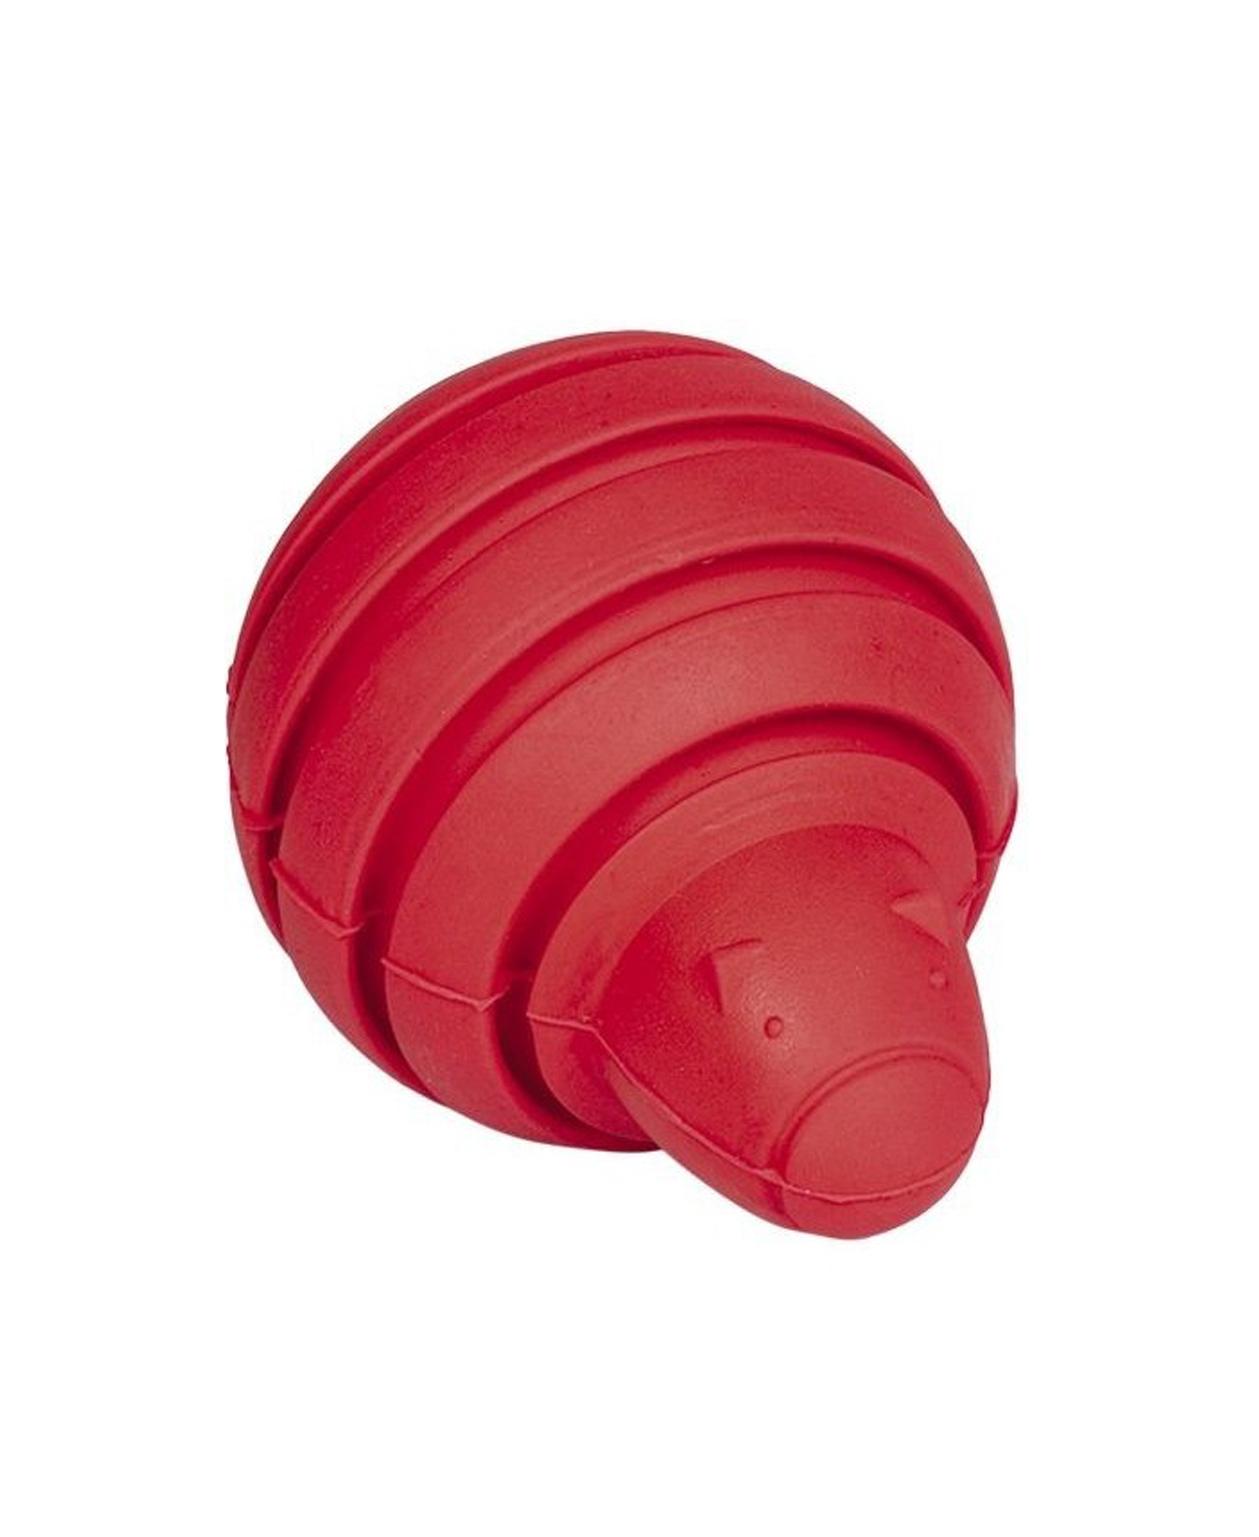 Jouet chien Rubber Line en caoutchouc rouge 10 cm - Nobby